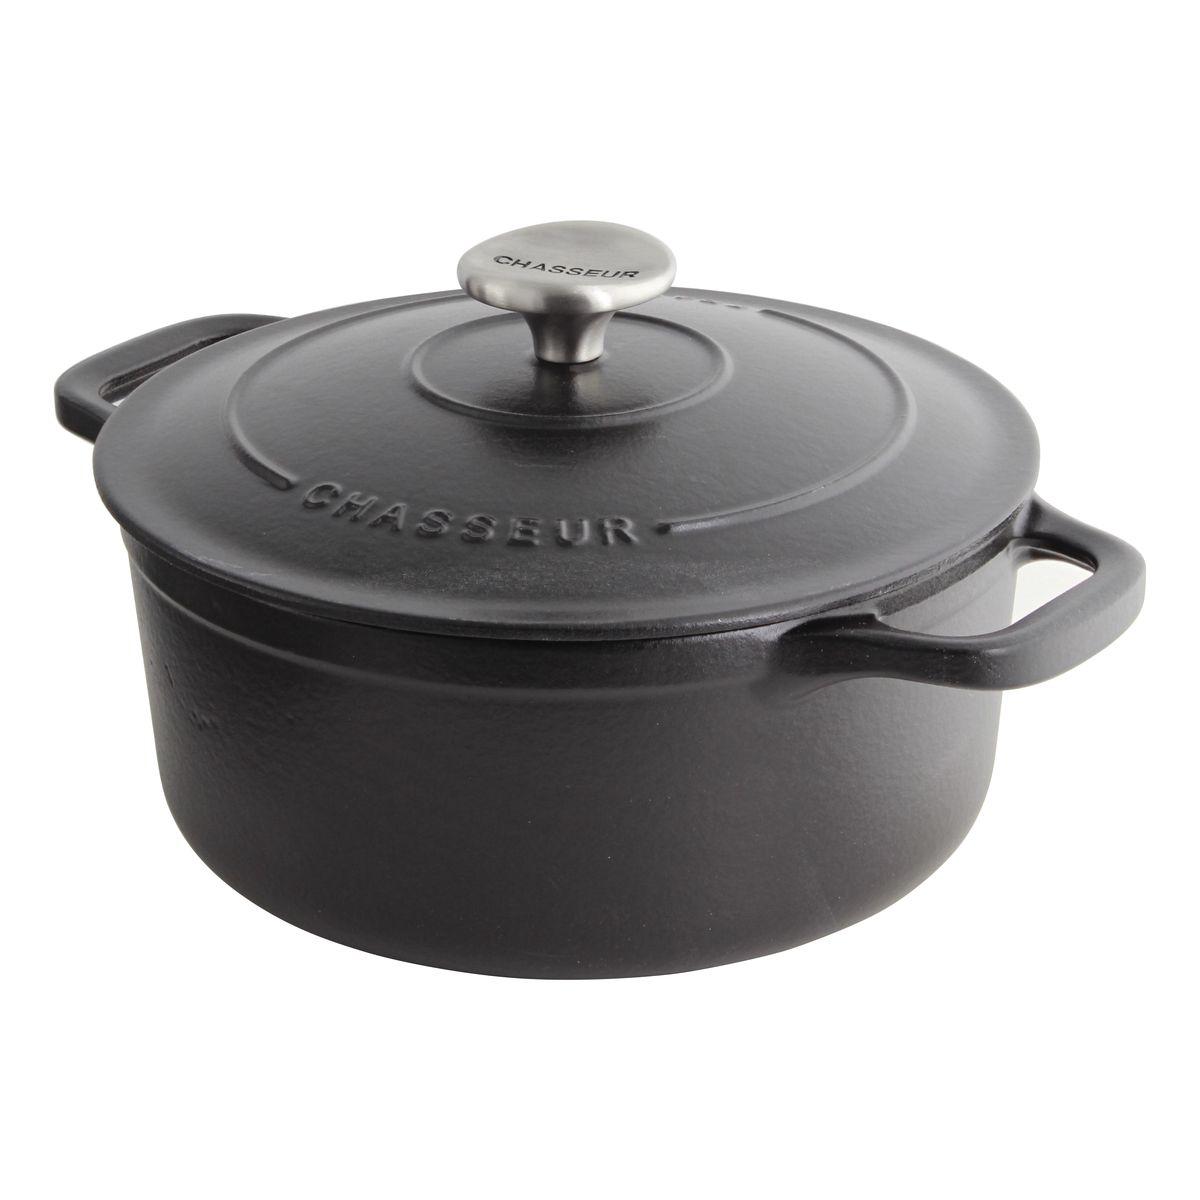 Cocotte ronde 20 cm noire - Le Chasseur